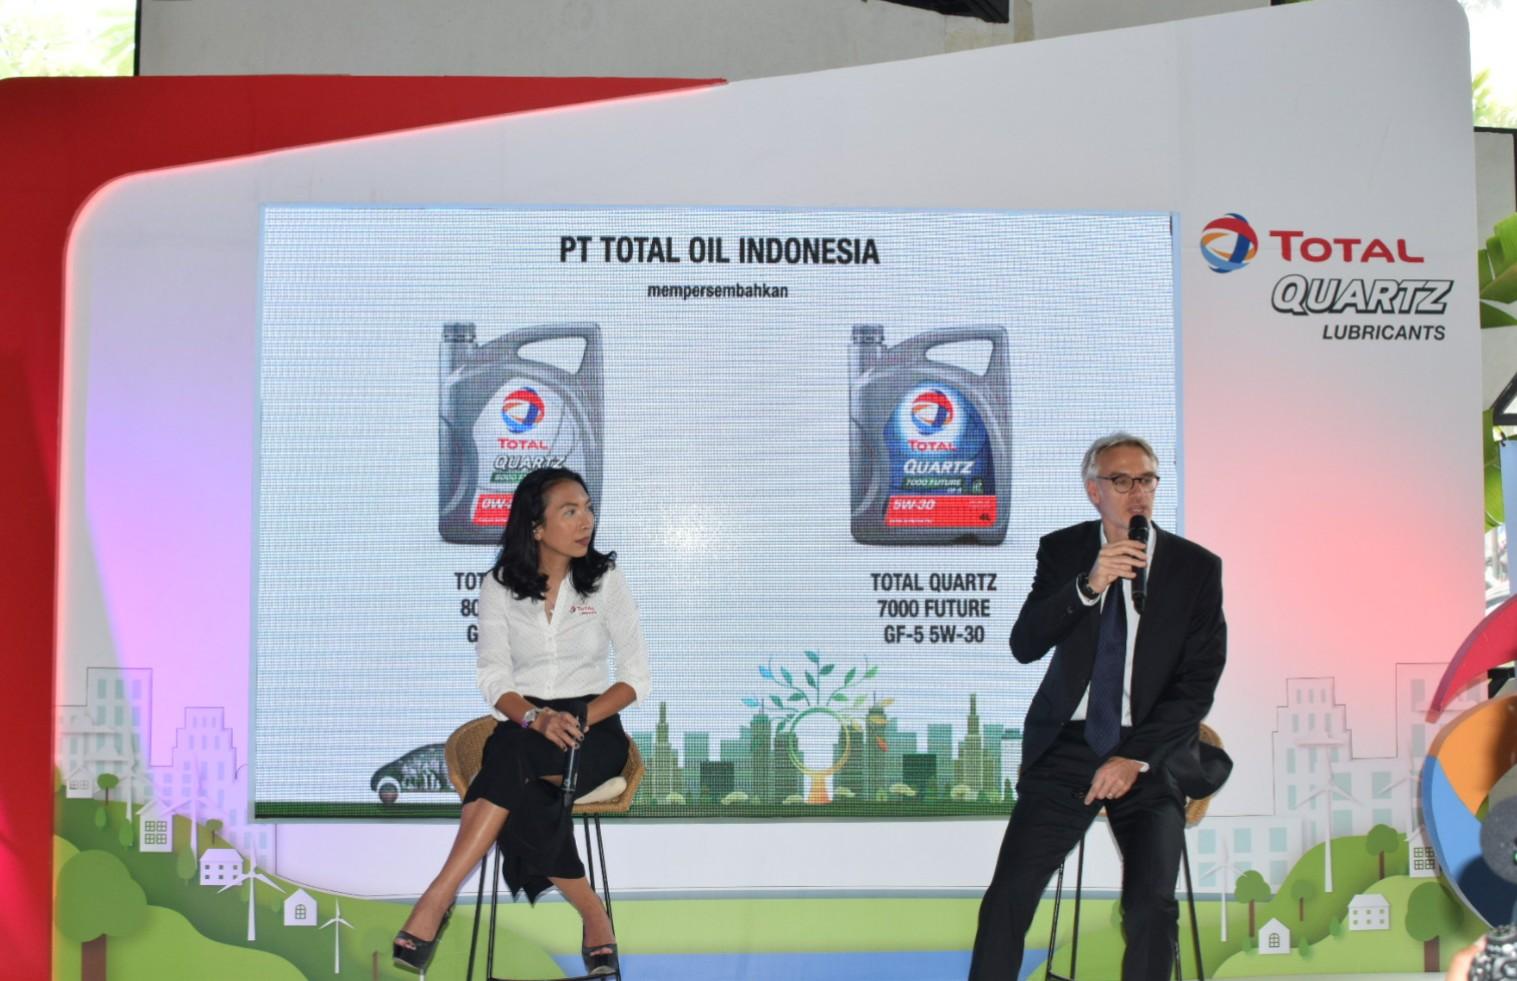 PT Total Oil Indonesia Meluncurkan Pelumas Mesin Premium